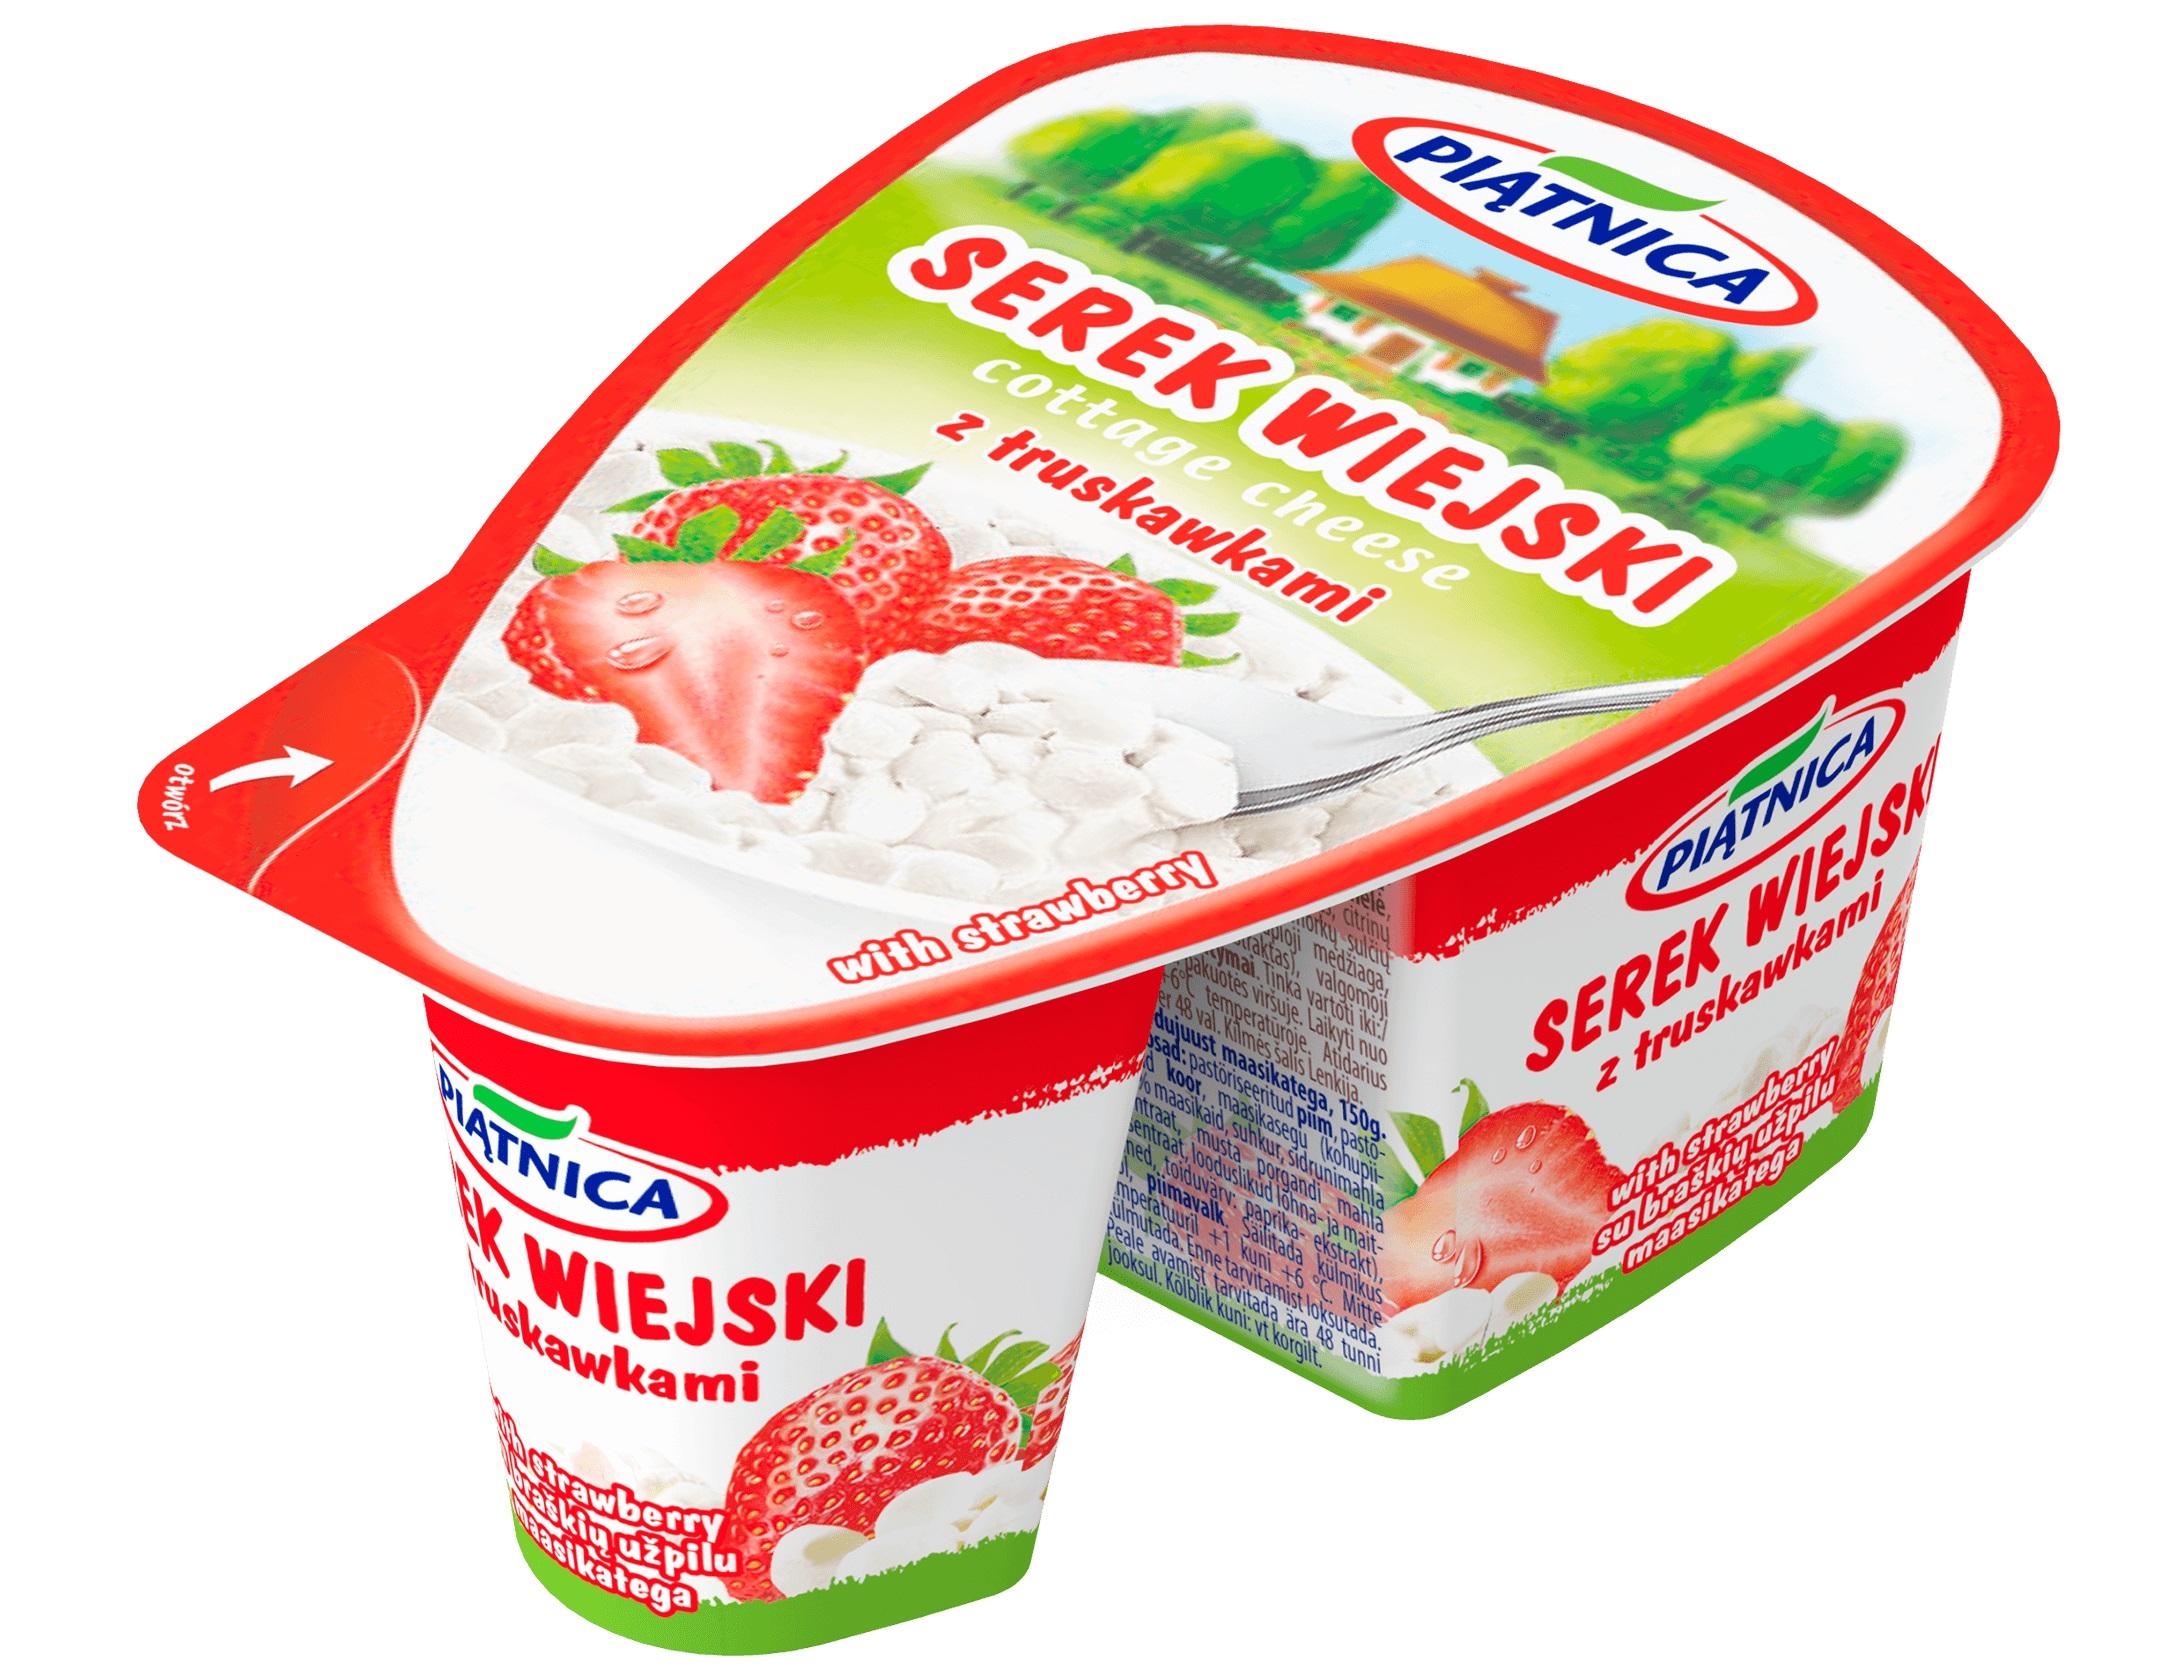 Nowa kampania reklamowa serków wiejskich – z Piątnicy, no bo skąd!